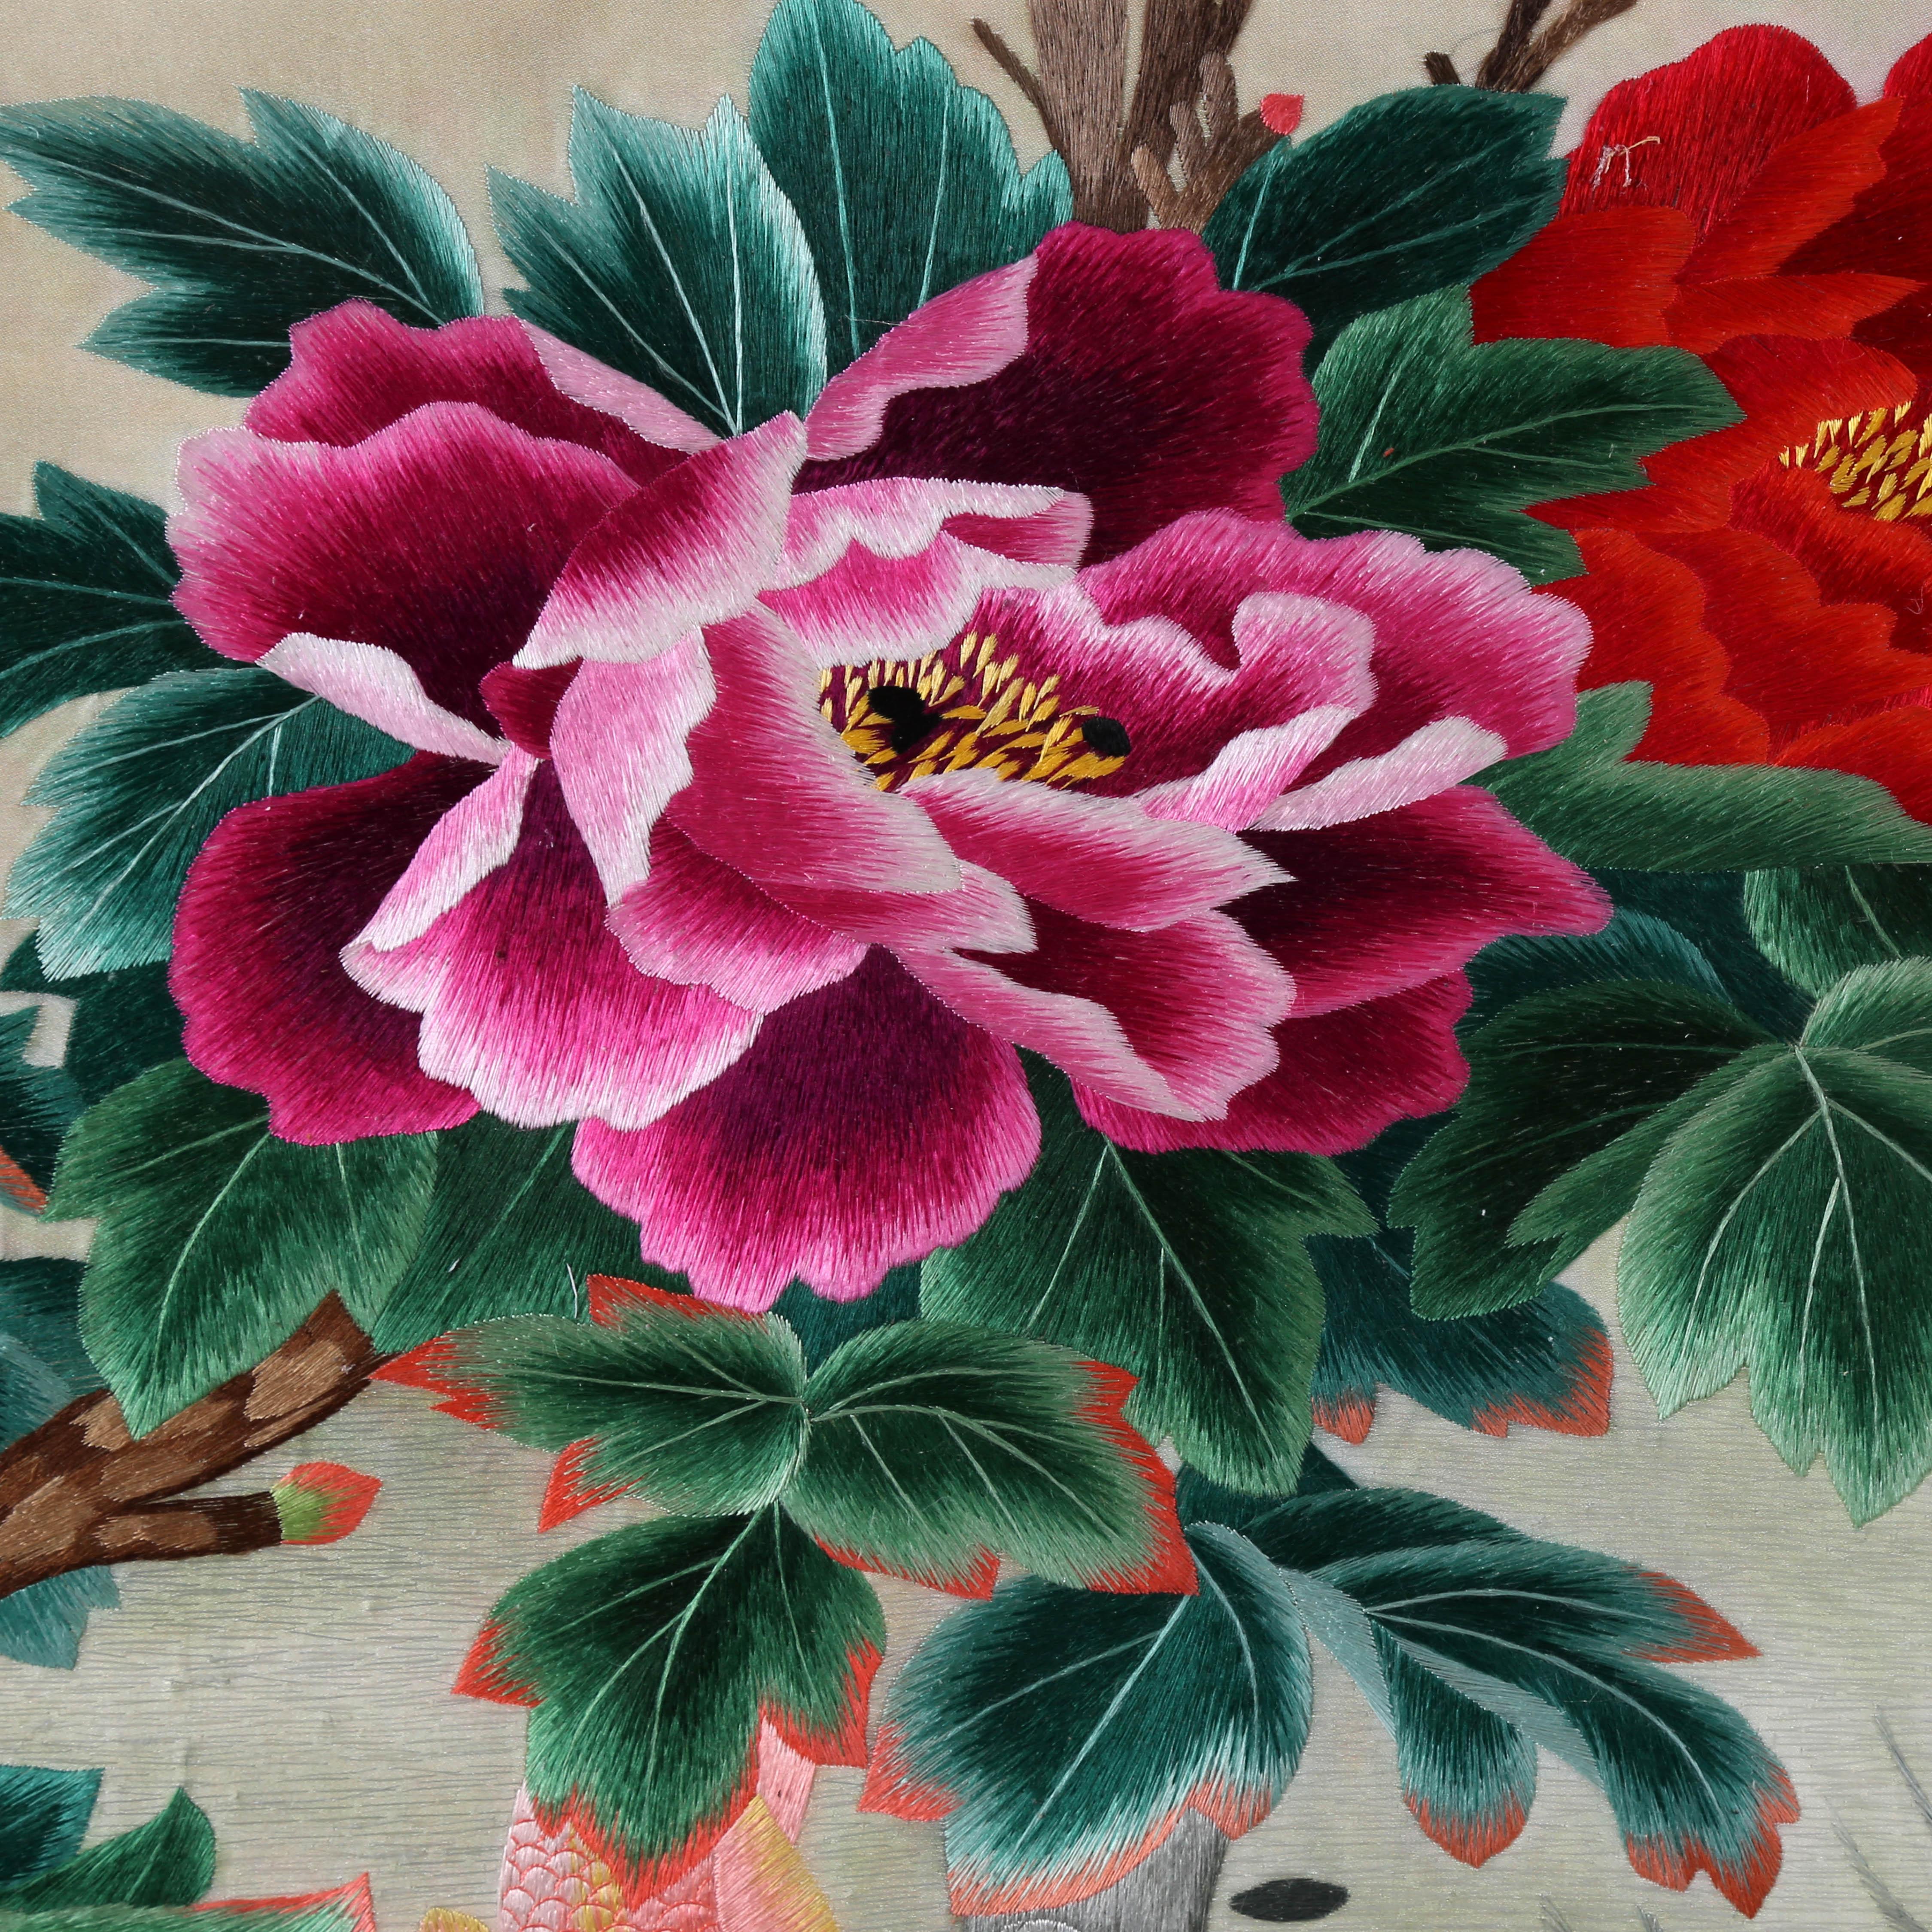 河南一涵汴绣厂成立于1995年。经过多年发展,2010年在郑州成立分公司。2015年7月21日于上海股权交易中心挂牌上市。目前拥有绣娘200余名。汴绣厂自成立以来,以弘扬中国传统手工艺文化为己任。在汴绣传统技法的基础上,不断的创新,力求通过细微的点滴和创新引起人们心灵深处最强有力的共鸣。 一涵汴绣纯手工刺绣年年有余是两丝,四丝线,高级绣娘绣制。绣品保证原汁原味开封汴绣工艺的同时,融入中国刺绣的经典精髓元素,绣工精细的艺术风格,极具鉴赏收藏价值和时尚装饰效果。目前已开发出具有开封代表的汴绣清明上河图系列、汴